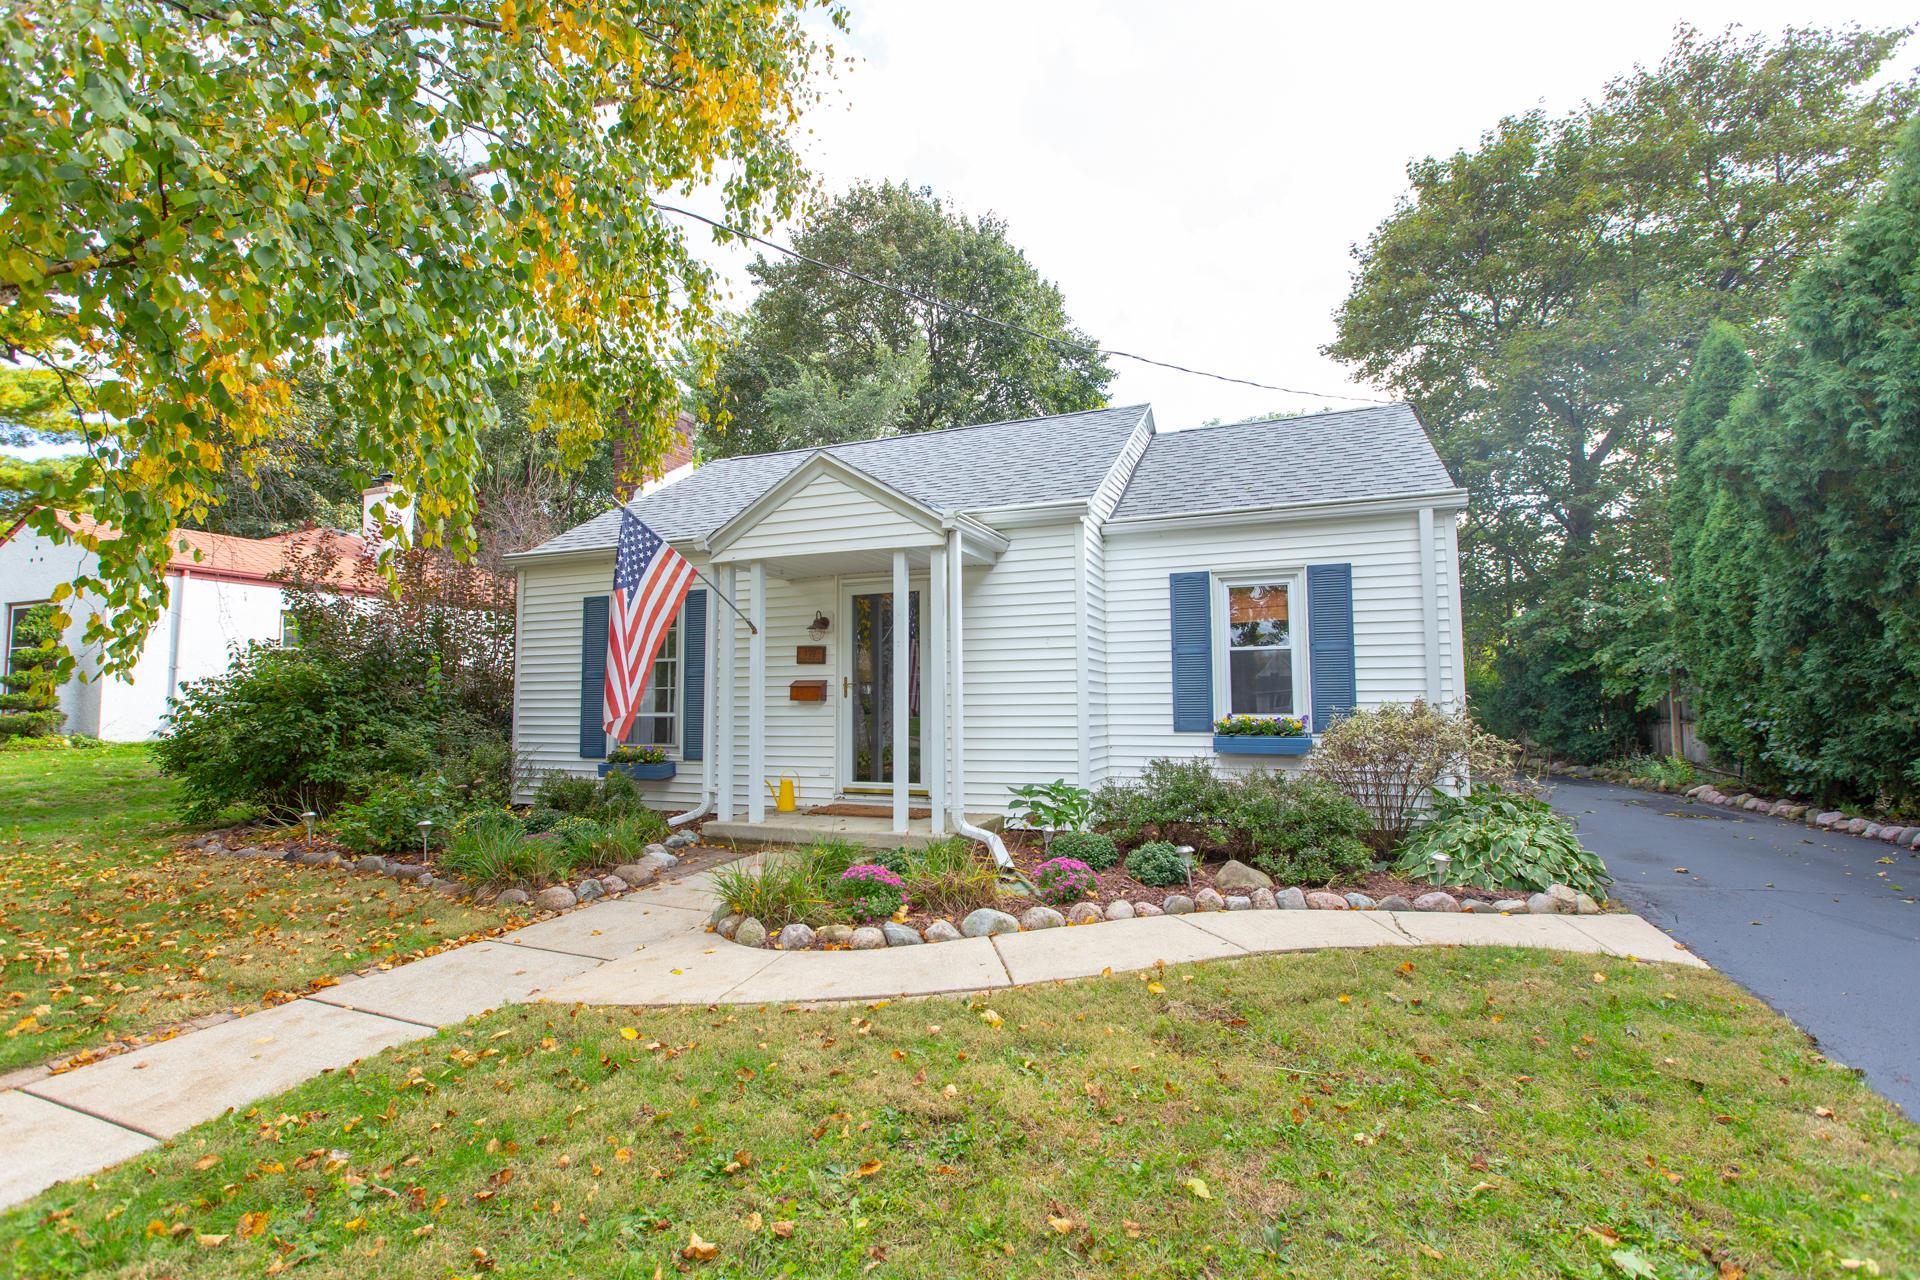 179 Warren Ave, Hartland, Wisconsin 53029, 2 Bedrooms Bedrooms, 8 Rooms Rooms,2 BathroomsBathrooms,Single-Family,For Sale,Warren Ave,1609156